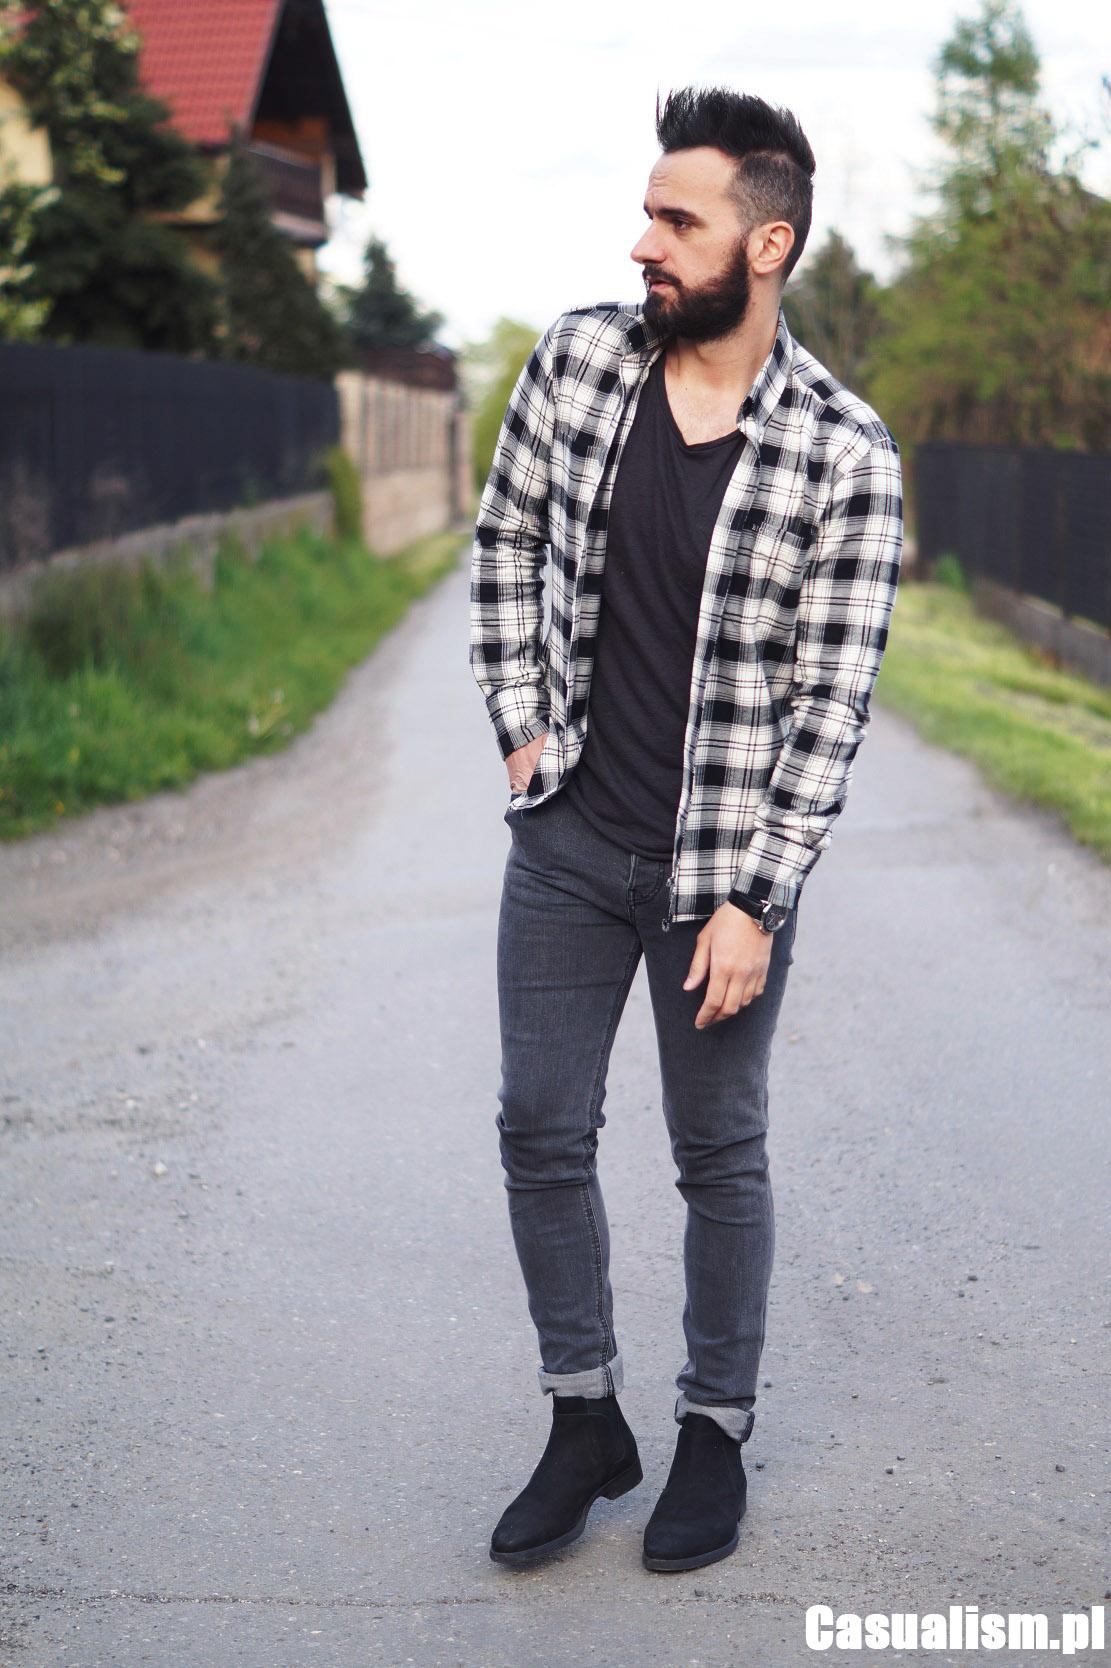 Koszula flanelowa męska, męskie koszule flanelowe. Jaką wybrać męską koszulę flanelową? Koszula flanelowa w kratę, czy to dobry wybór?